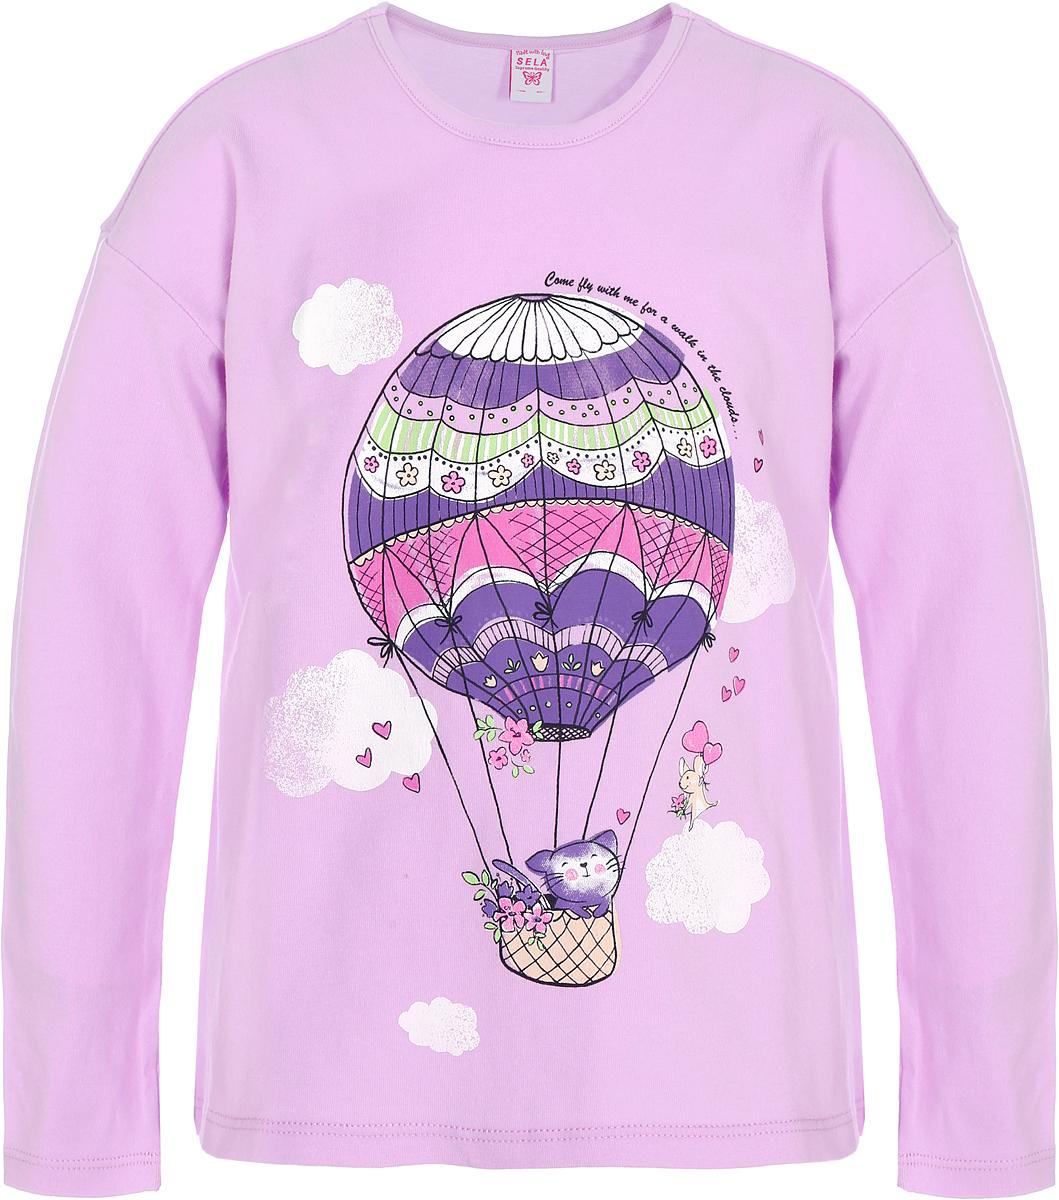 Джемпер для девочки Sela, цвет: розовый. T-511/463-8112. Размер 92T-511/463-8112Джемпер для девочки изготовлен из эластичного хлопка. Модель выполнена с длинными рукавами и круглым вырезом горловины оформлена на груди оригинальным принтом.